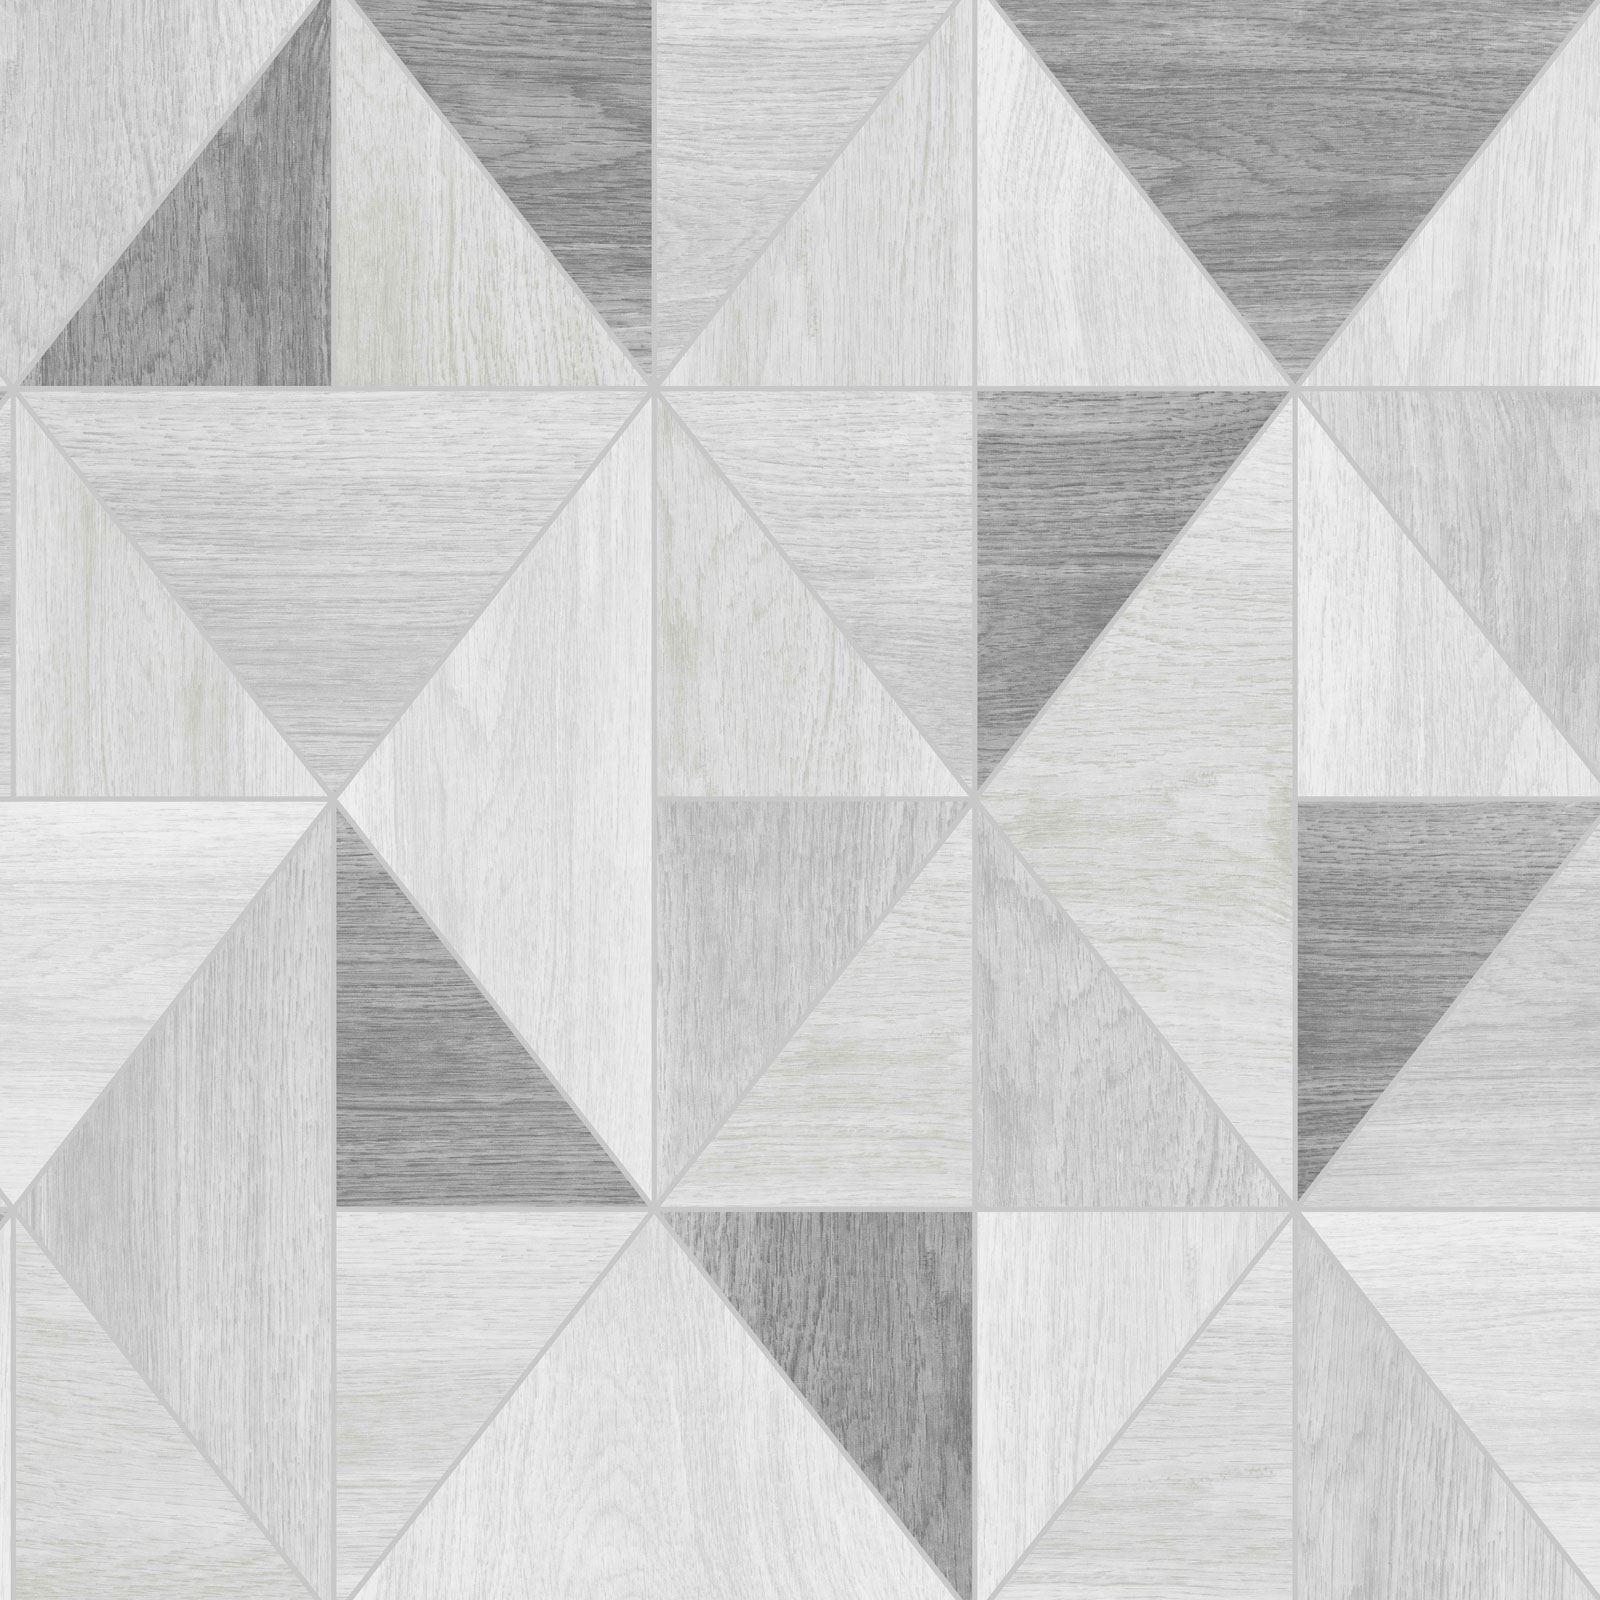 Apex Trellis Sidewall Wallpaper Copper: GEOMETRIC WALLPAPER GLITTER METALLIC - CHEVRON STARS DIAMOND TRELLIS TRIANGLES